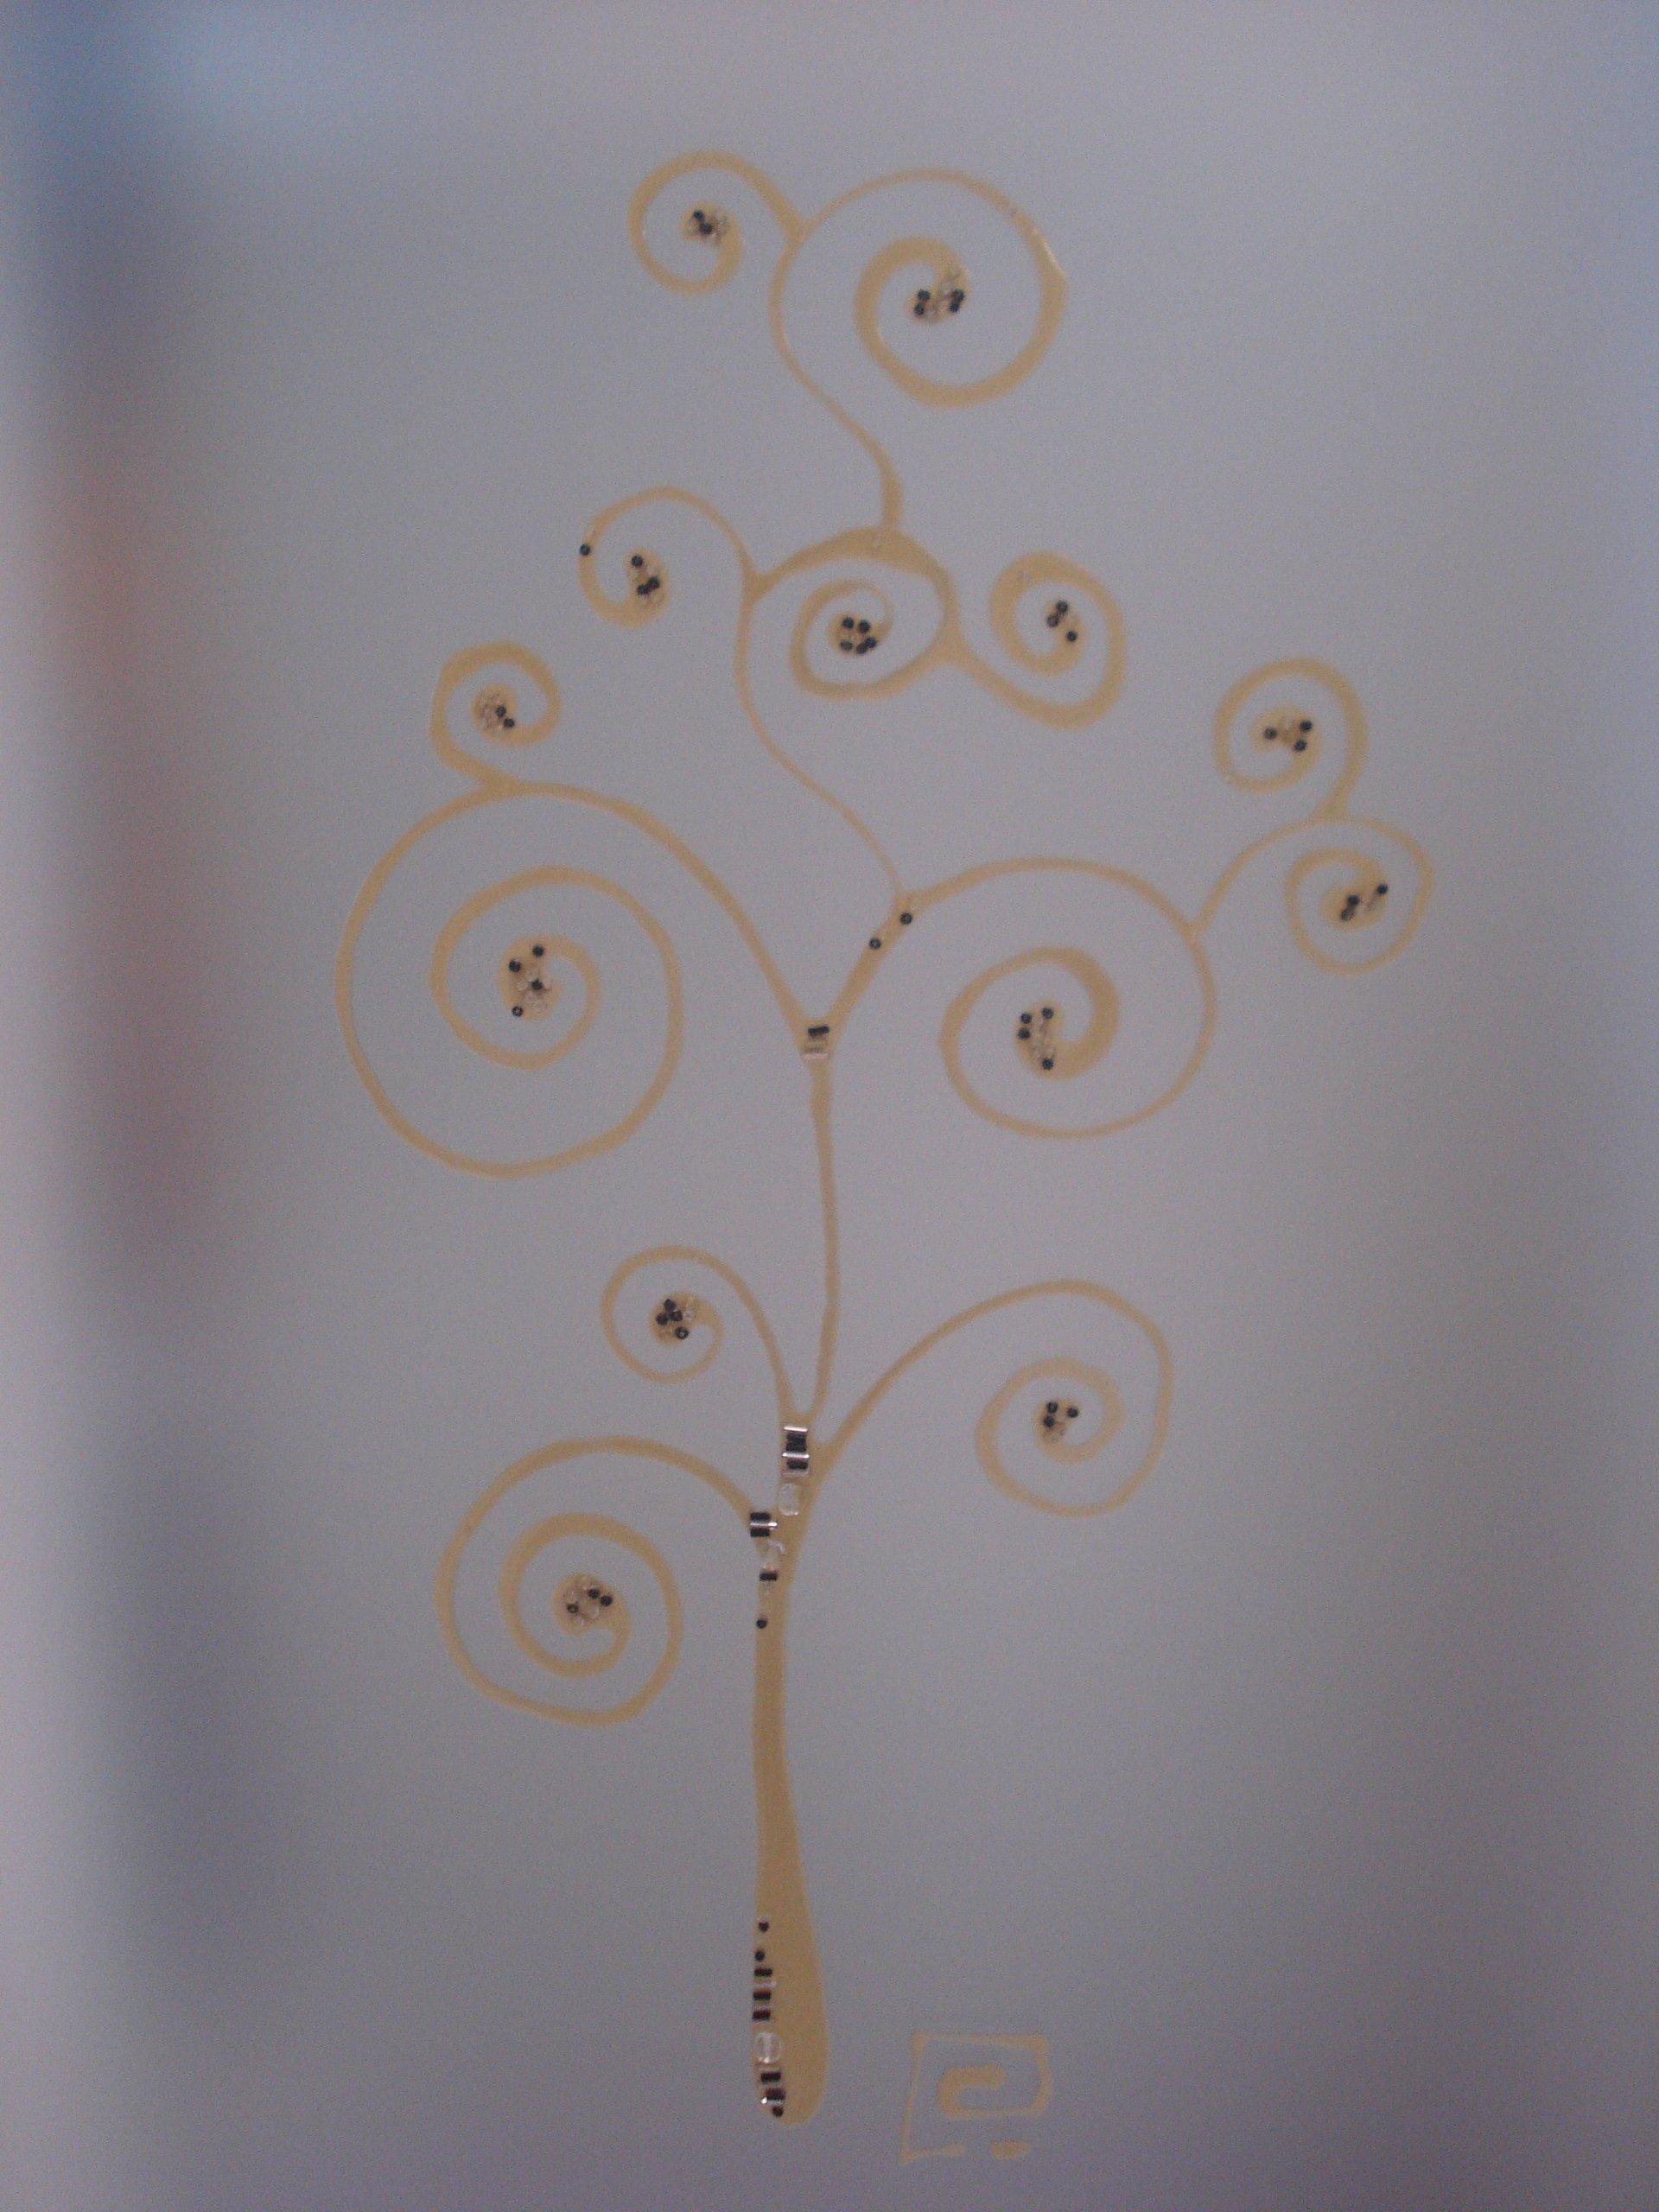 albero stilizzato disegnato su vetro